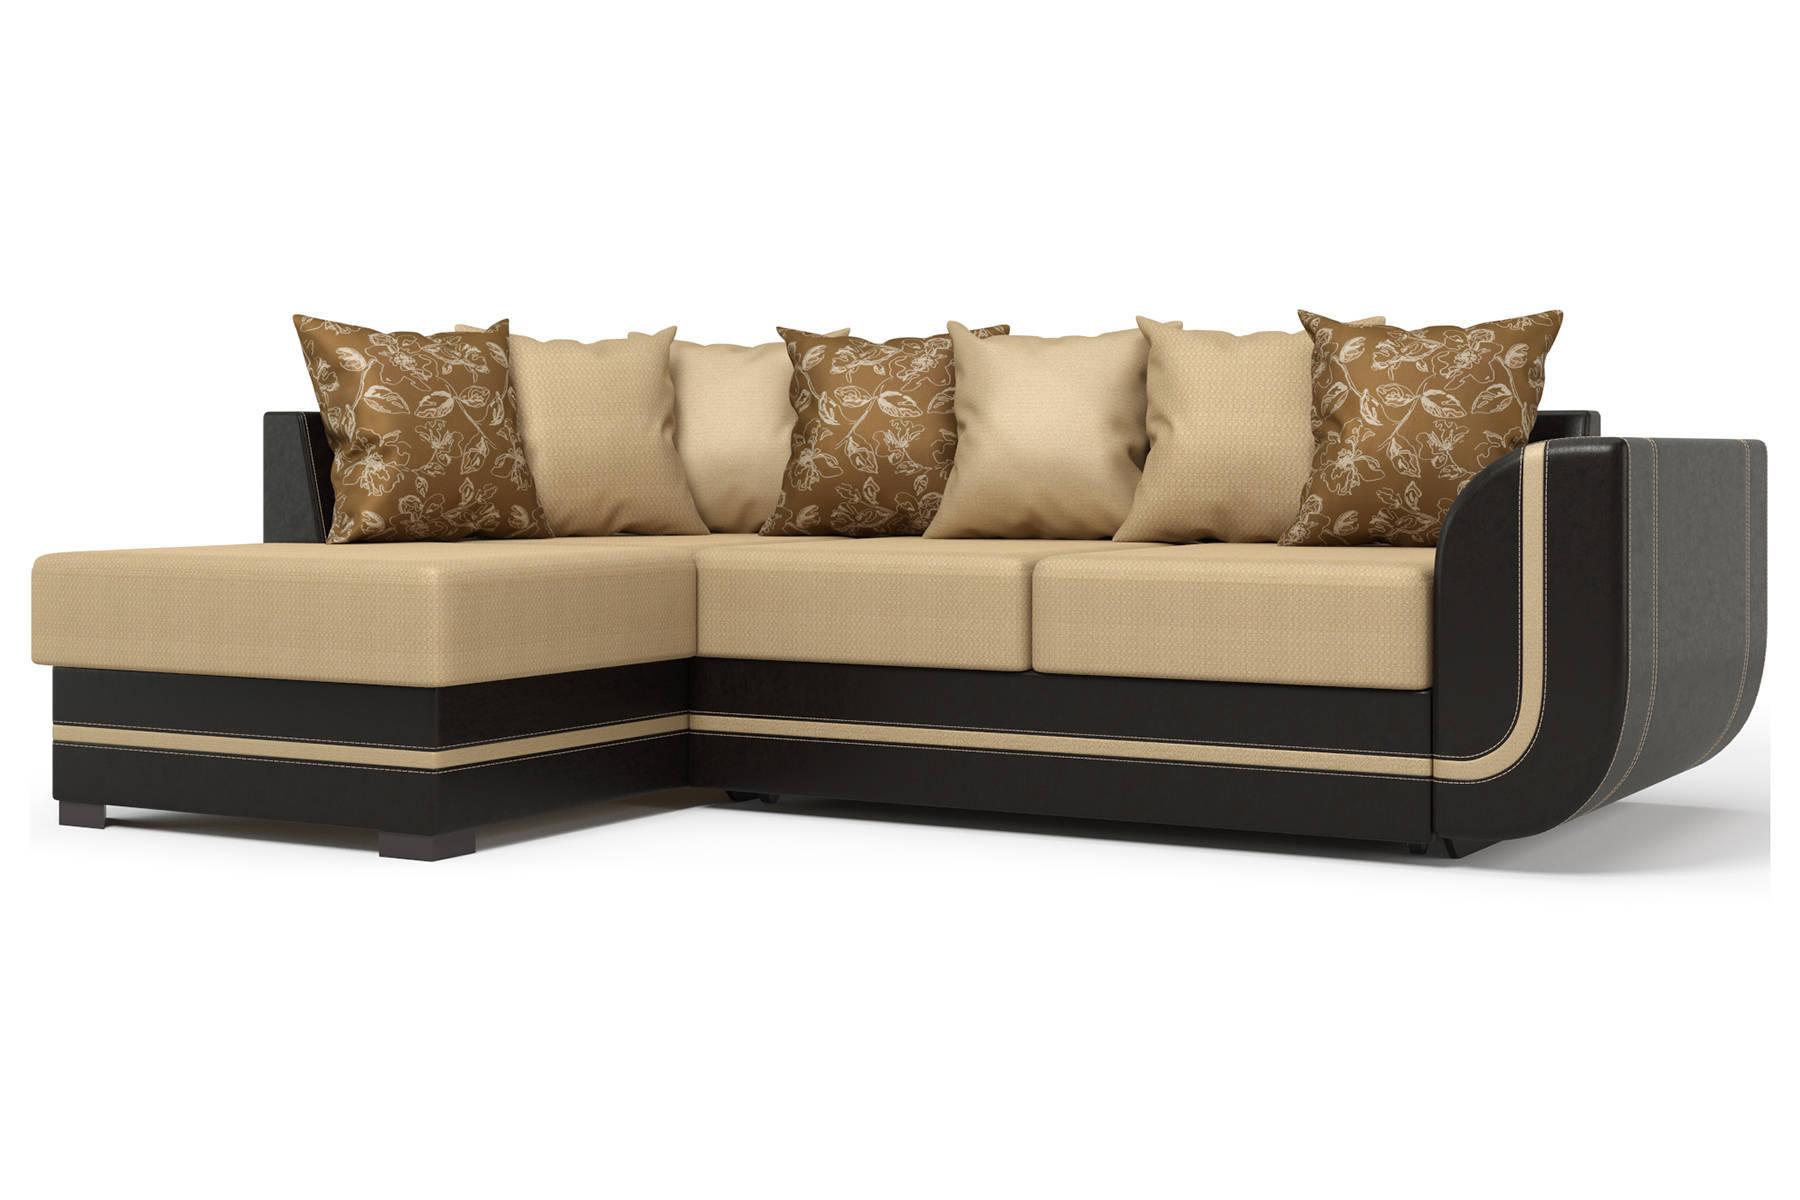 Угловой диван Чикаго Левый угловой диван чикаго левый